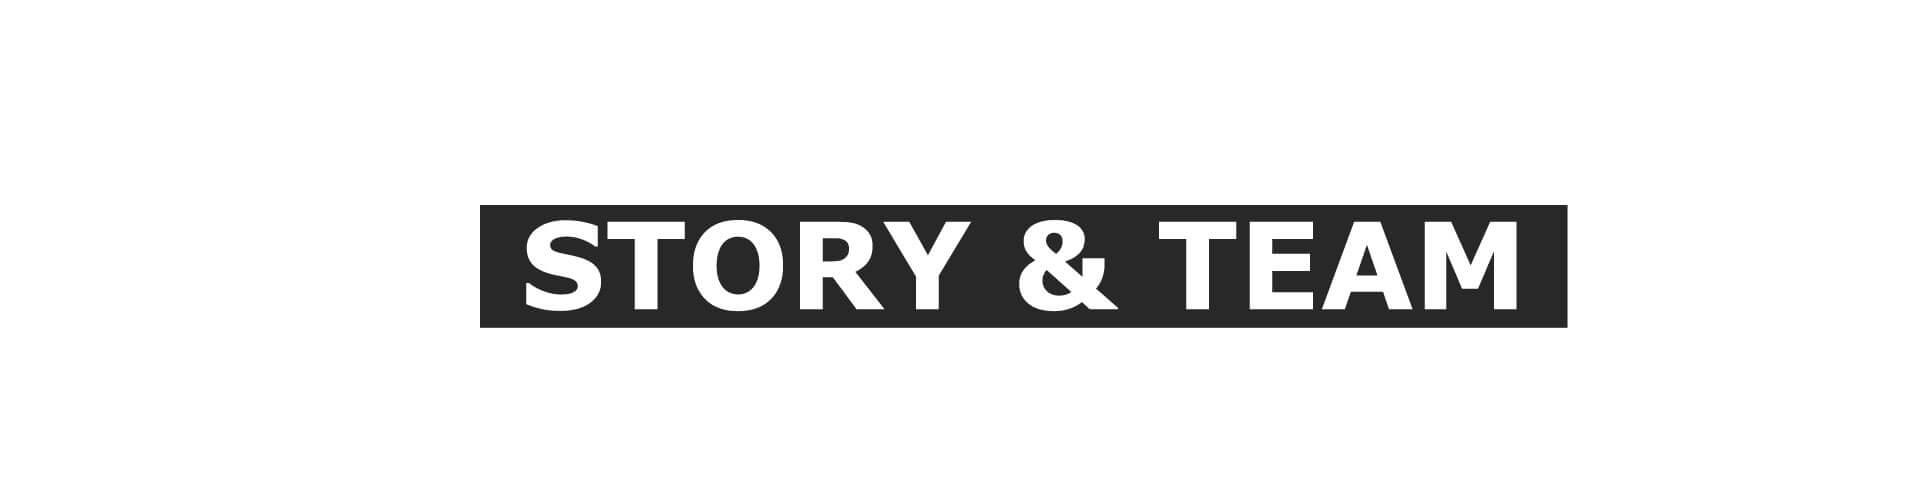 STORY & TEAM - Übersicht